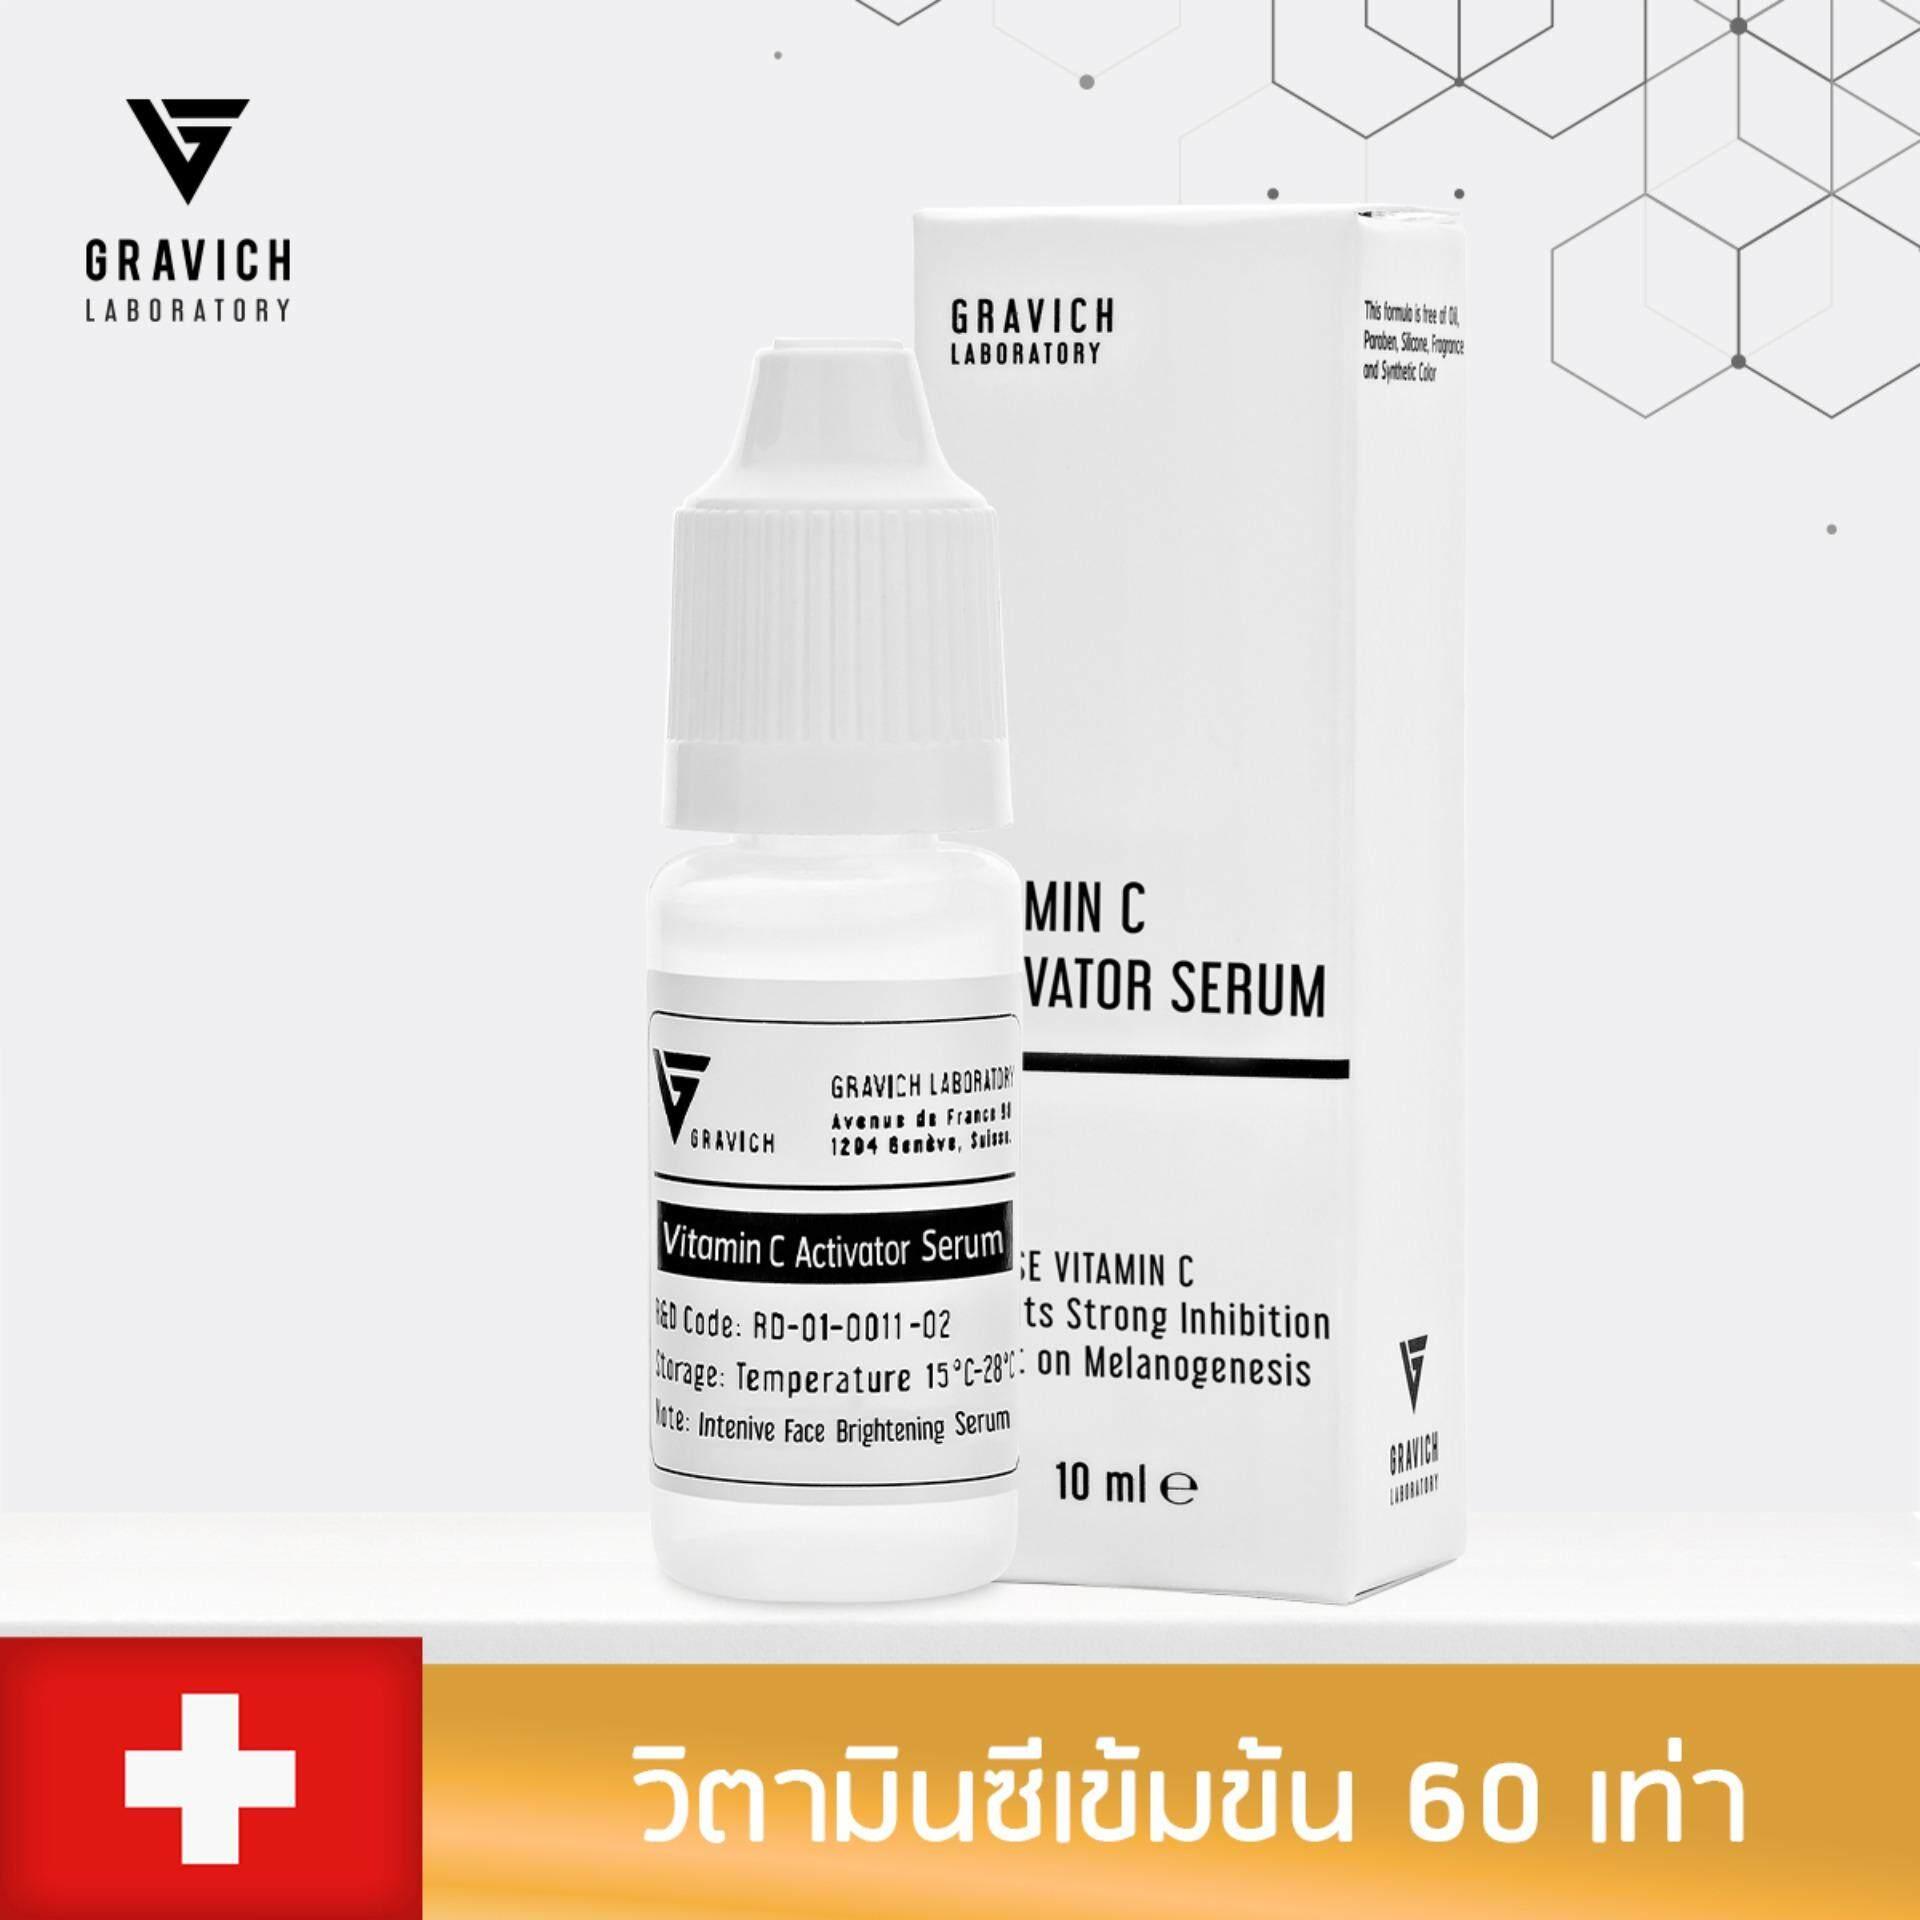 Gravich Vitamin c serum เซรั่ม วิตามินซี เข้มข้น 60 เท่า บูสเตอร์ หน้าเด็ก ขาวกระจ่างใส รอยด่างดำ ยกกระชับ ลดริ้วรอย